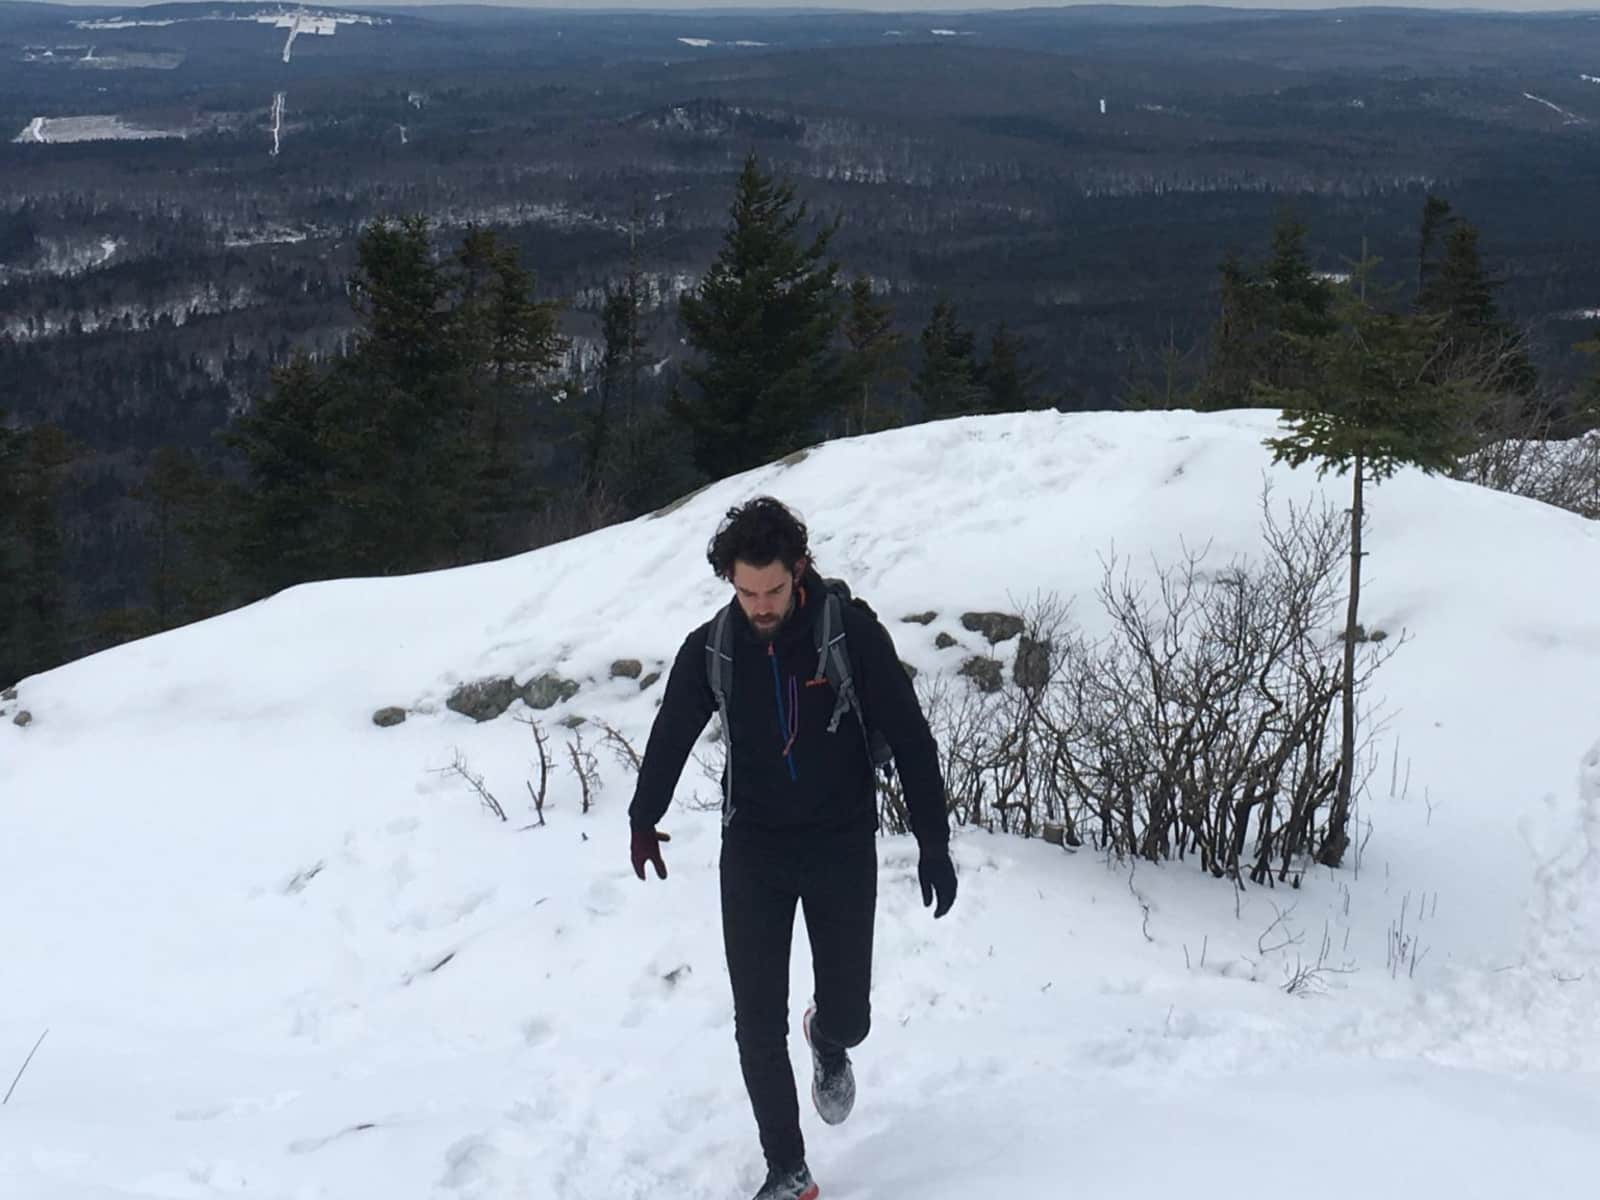 Julian from Montréal, Quebec, Canada